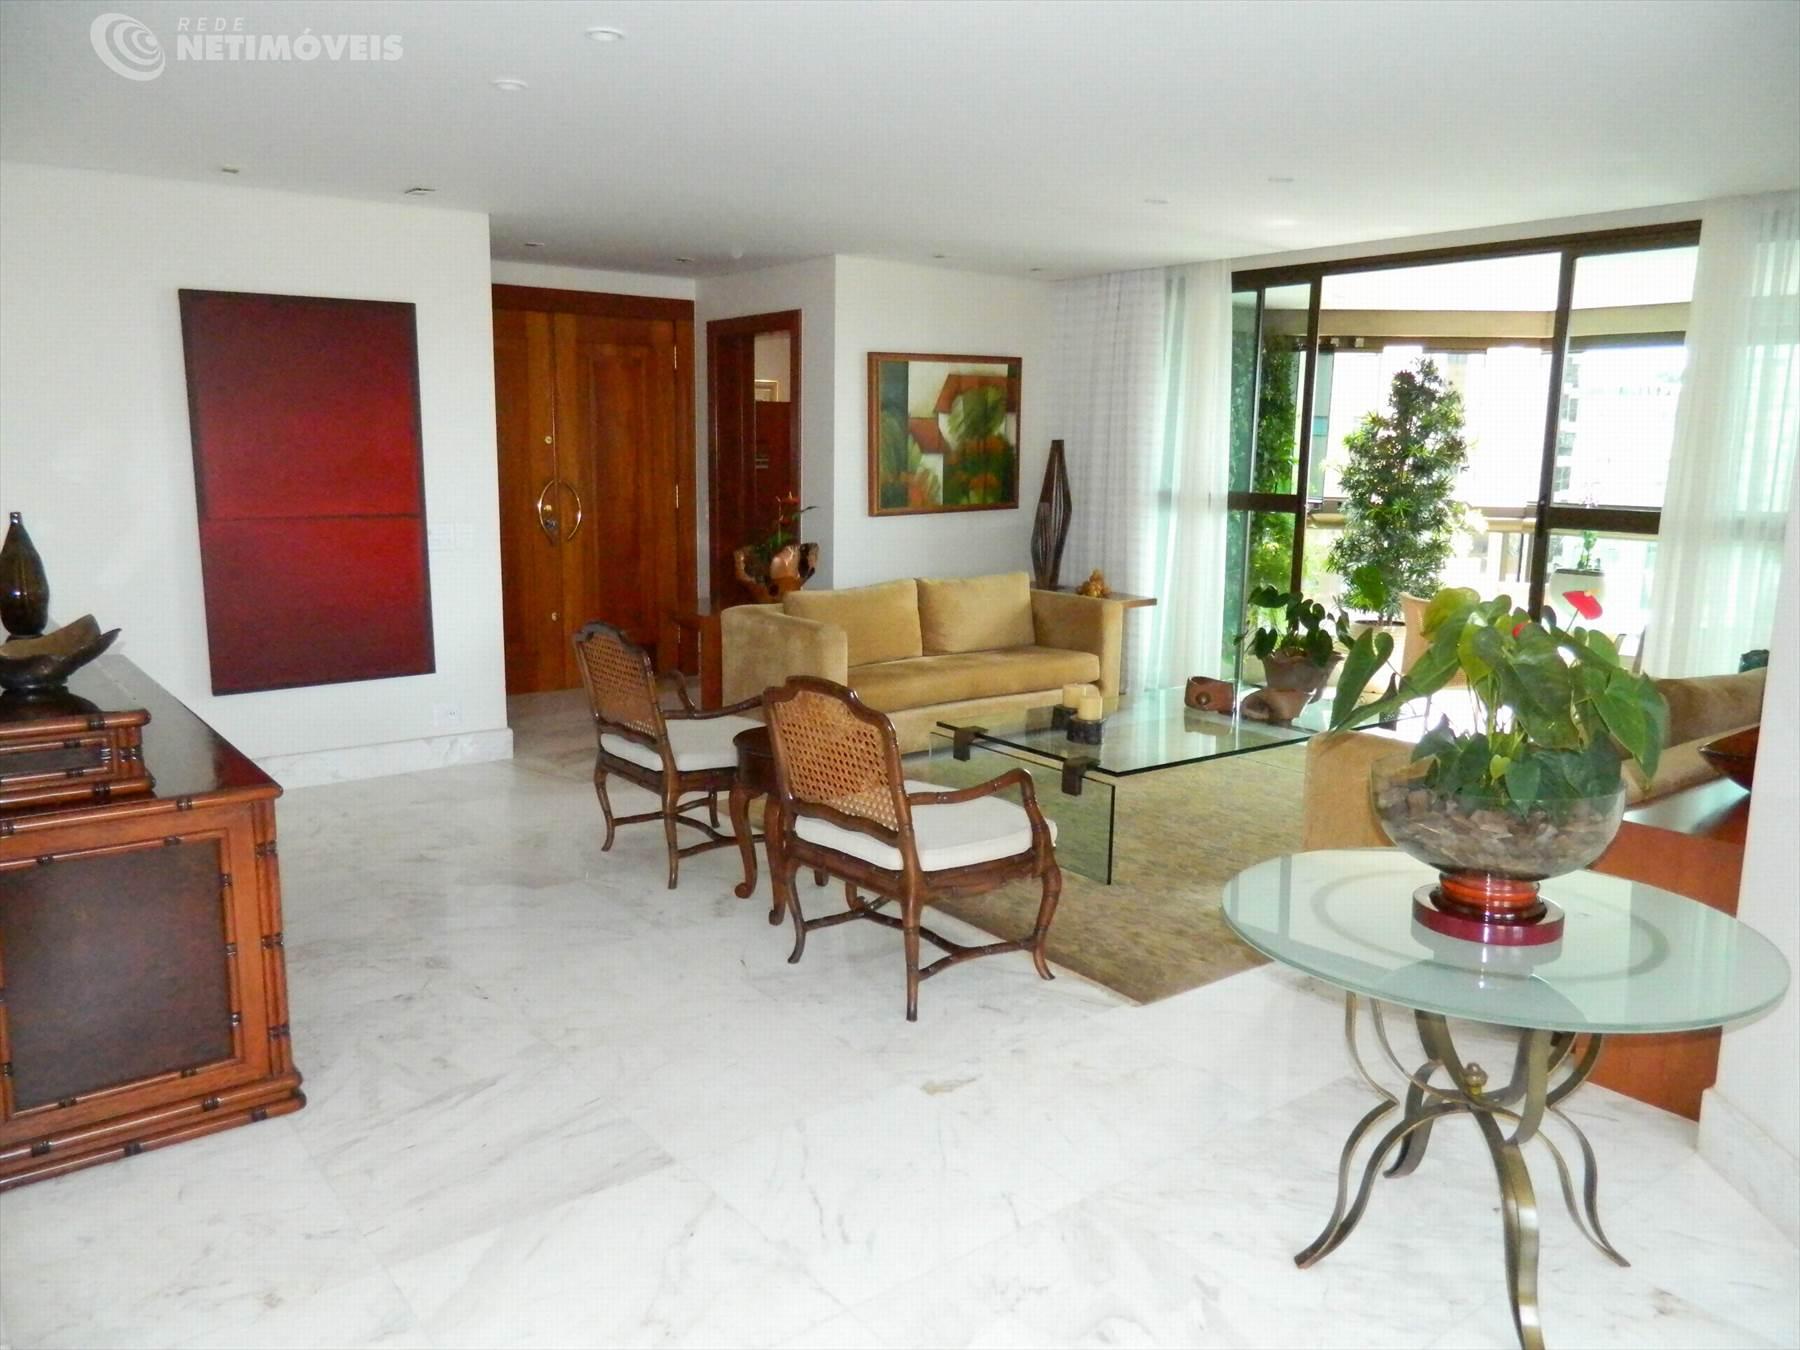 Sala de estar ângulo 1